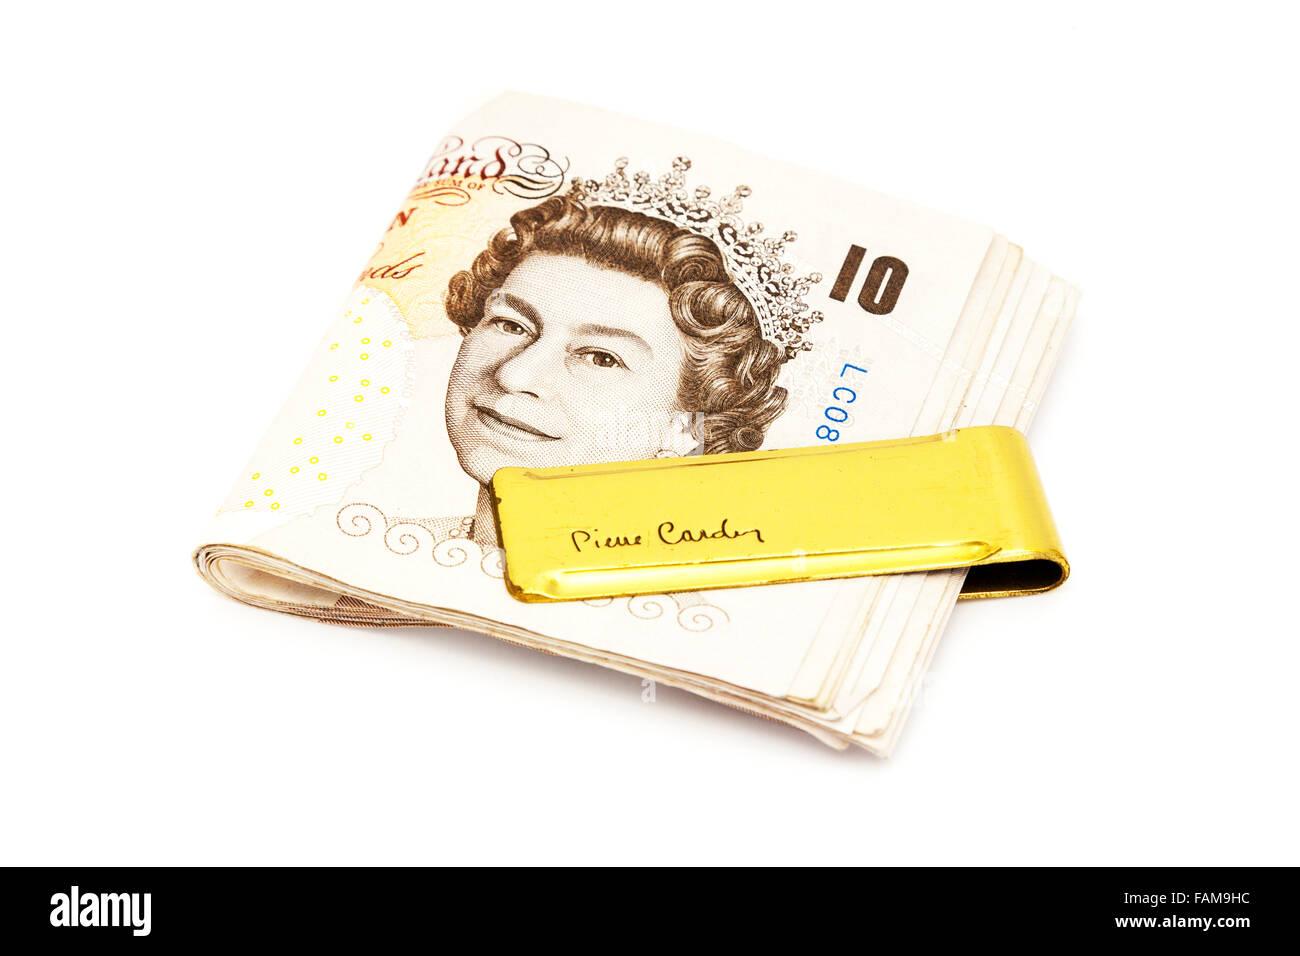 Clip di denaro contante oro valuta Pierre Cardin UK dieci libbre di esclusione porta tagliare lo sfondo bianco isolato Immagini Stock